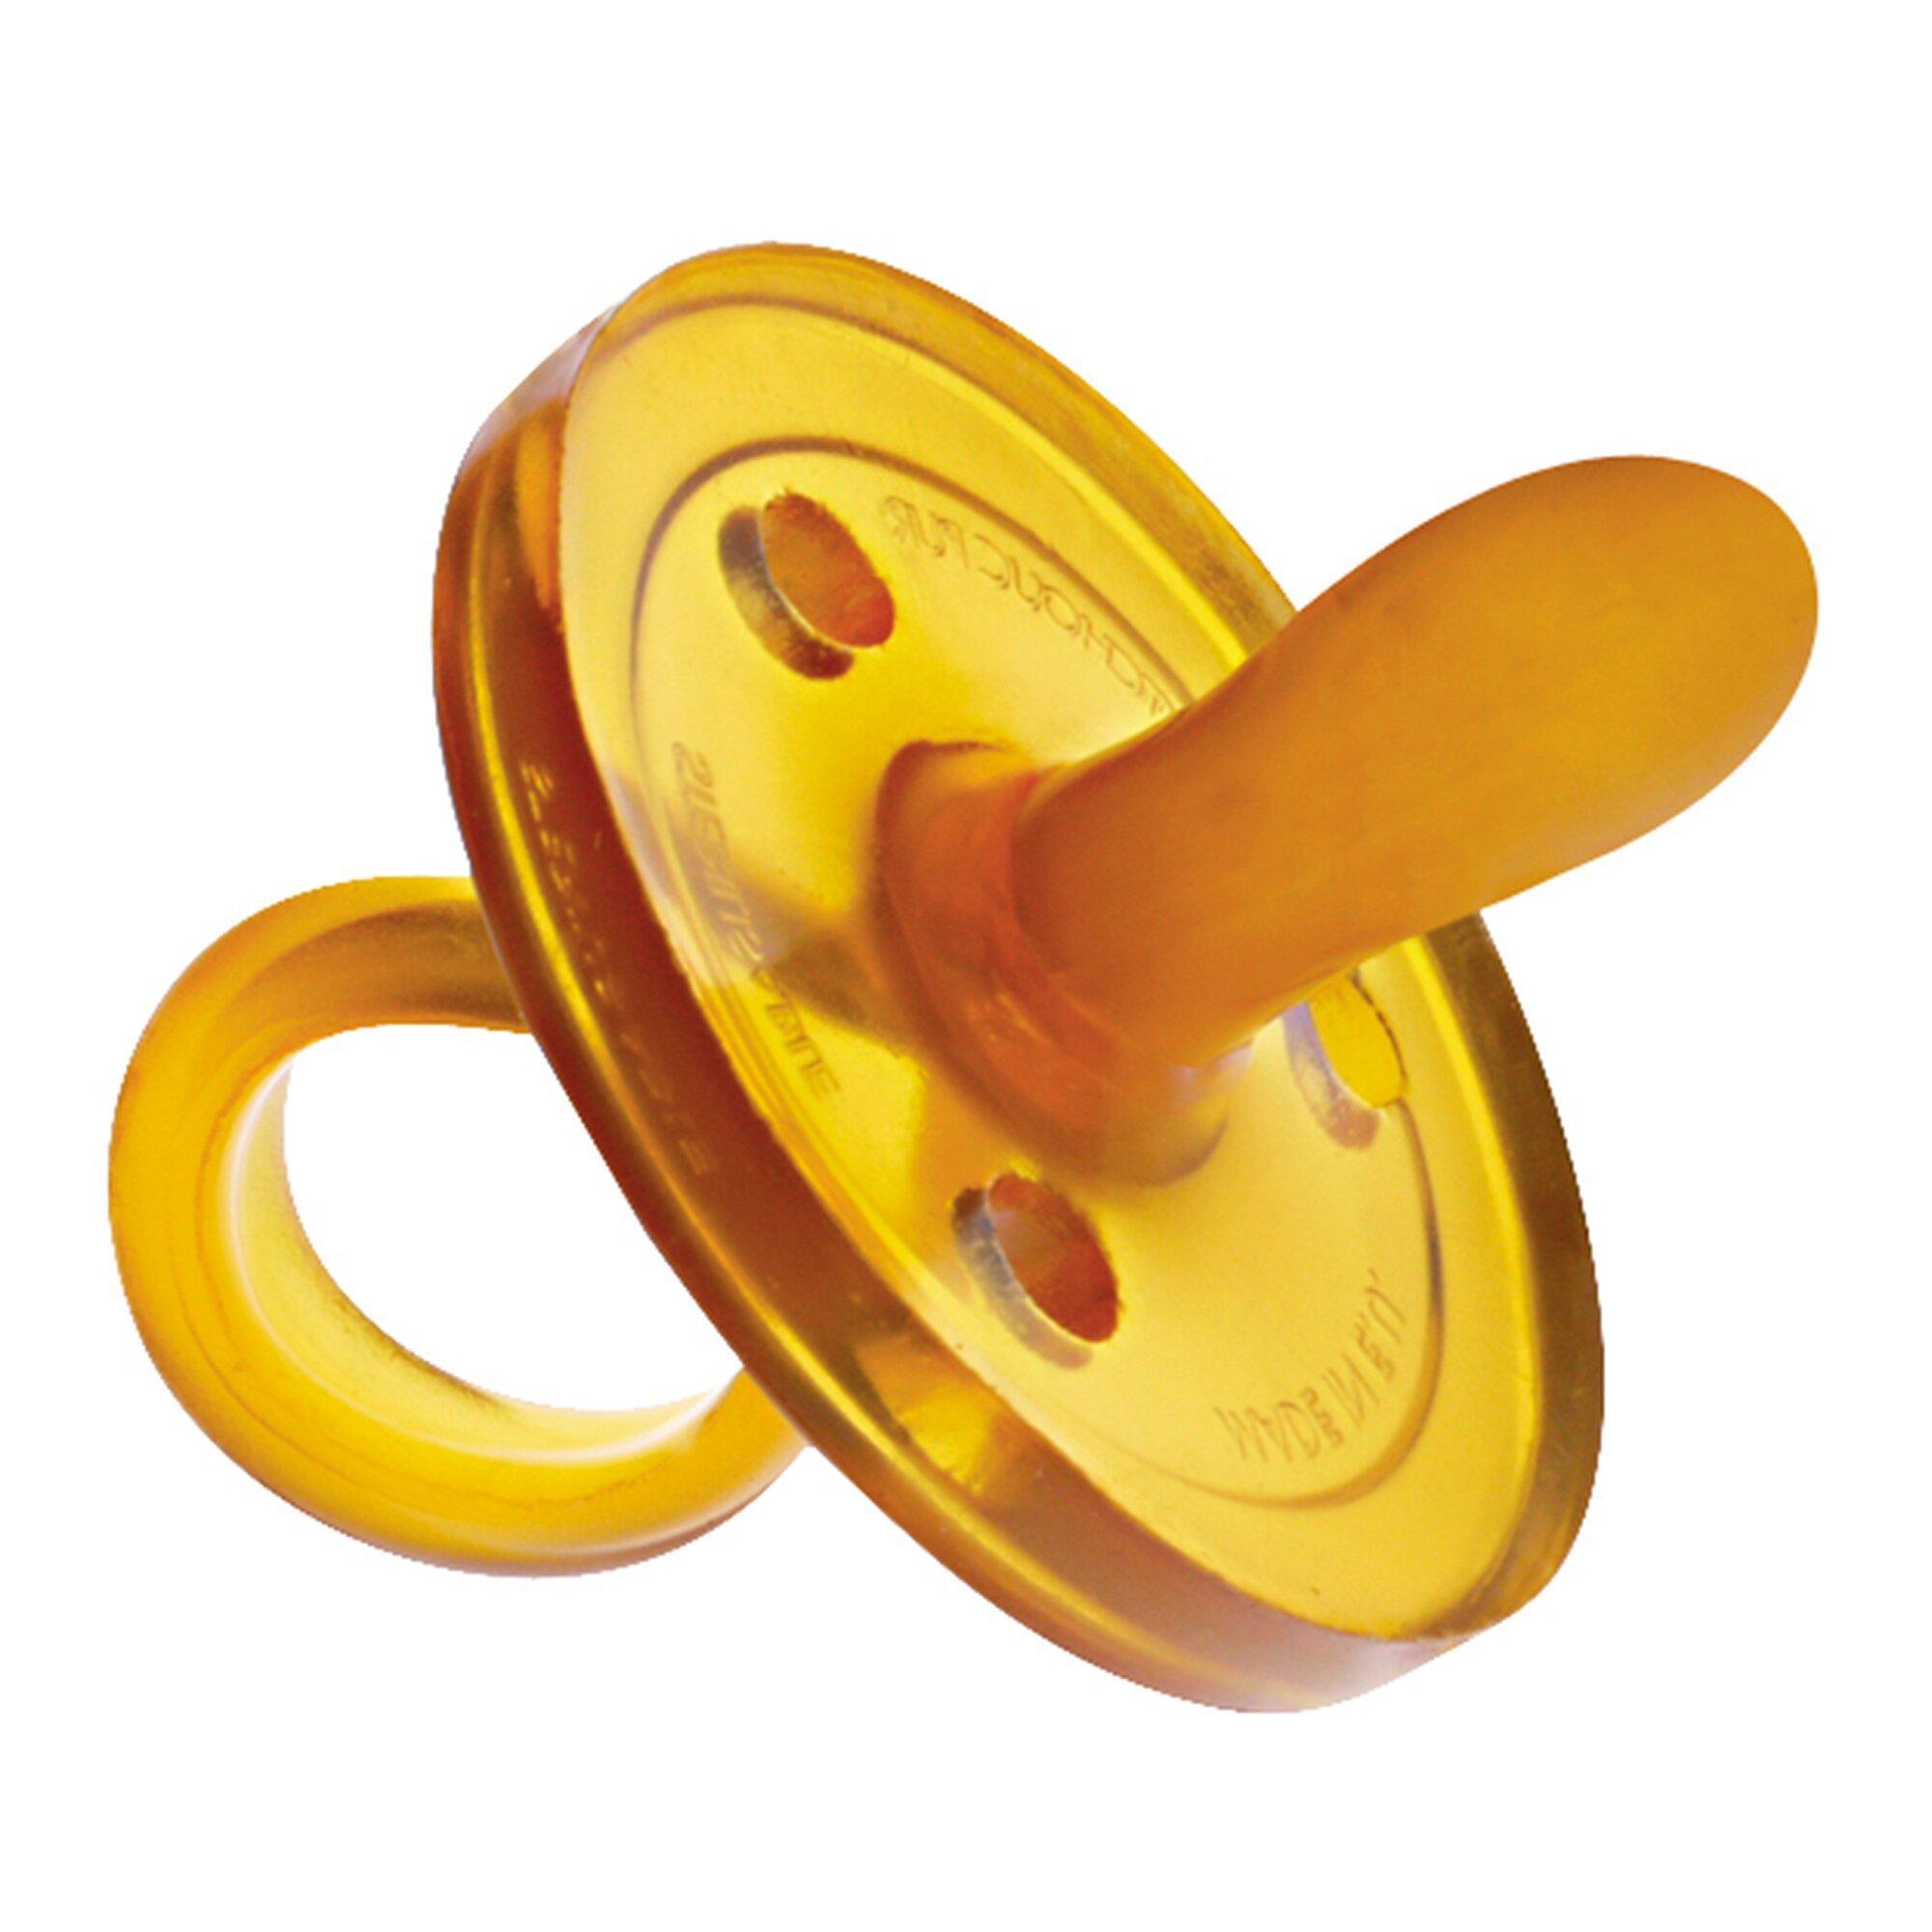 Schnuller ovale Form aus Naturkautschuk